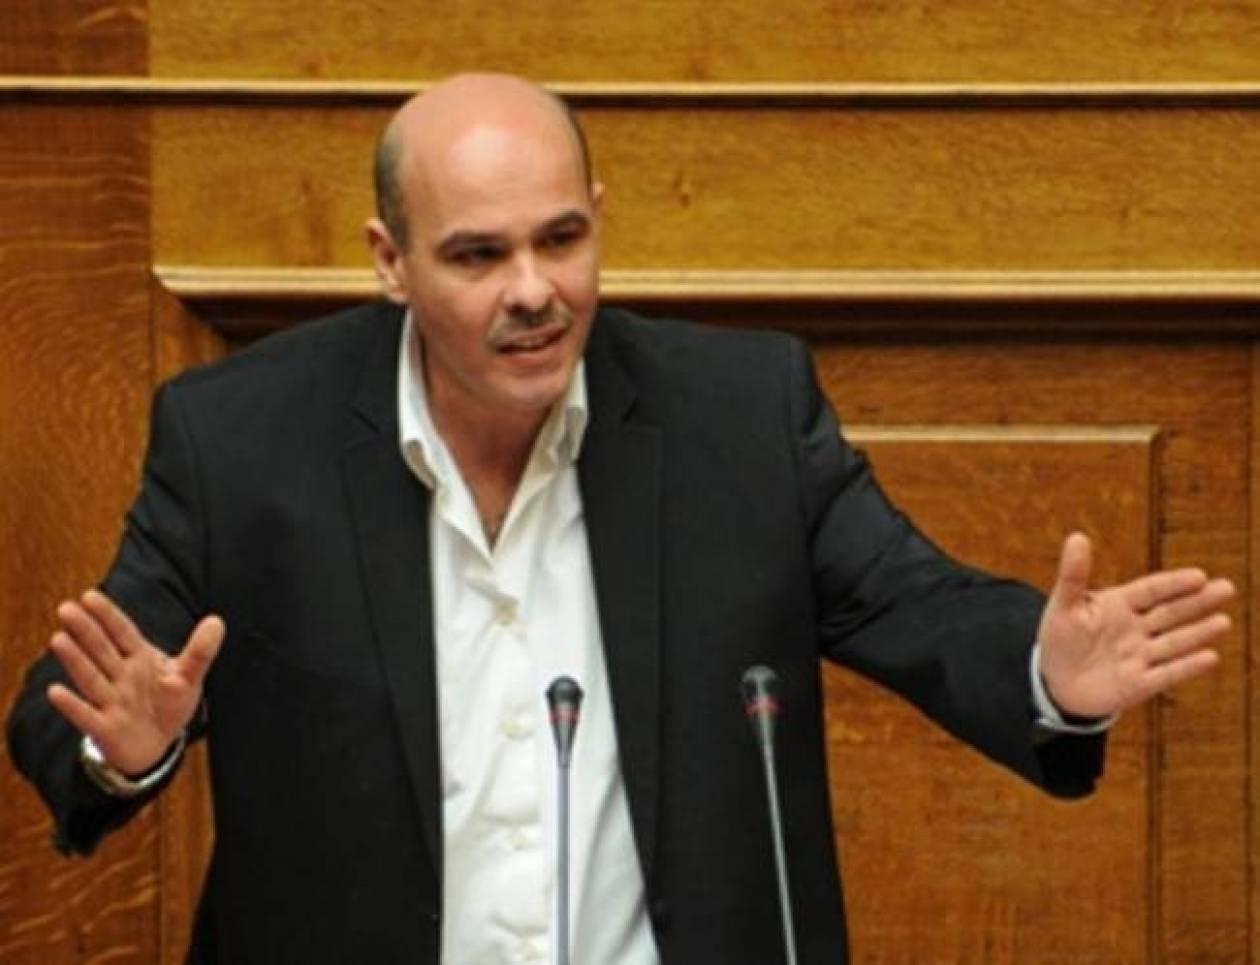 Μιχελογιαννάκης: Γιατί απέχει από τις άρσεις ασυλίας στη Βουλή